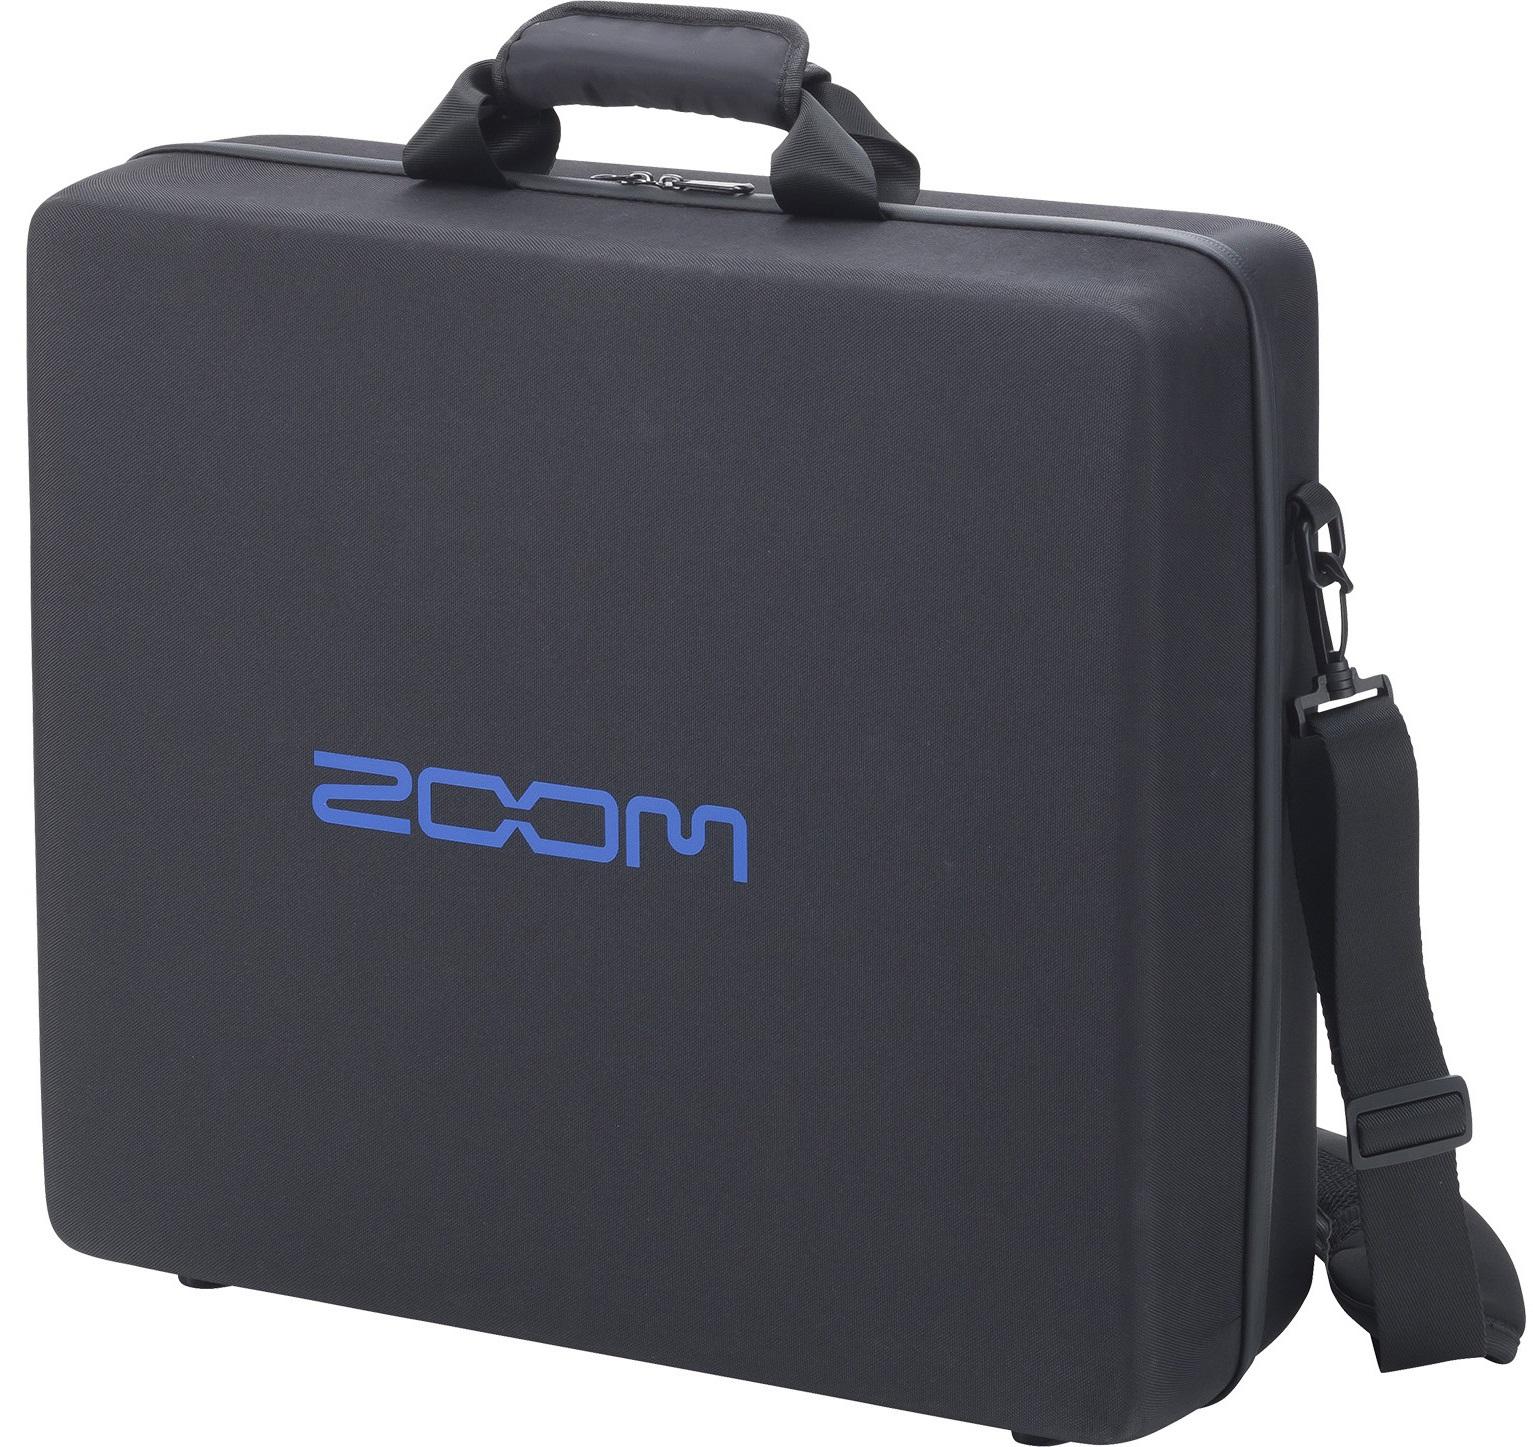 Fotografie Zoom CBL-20